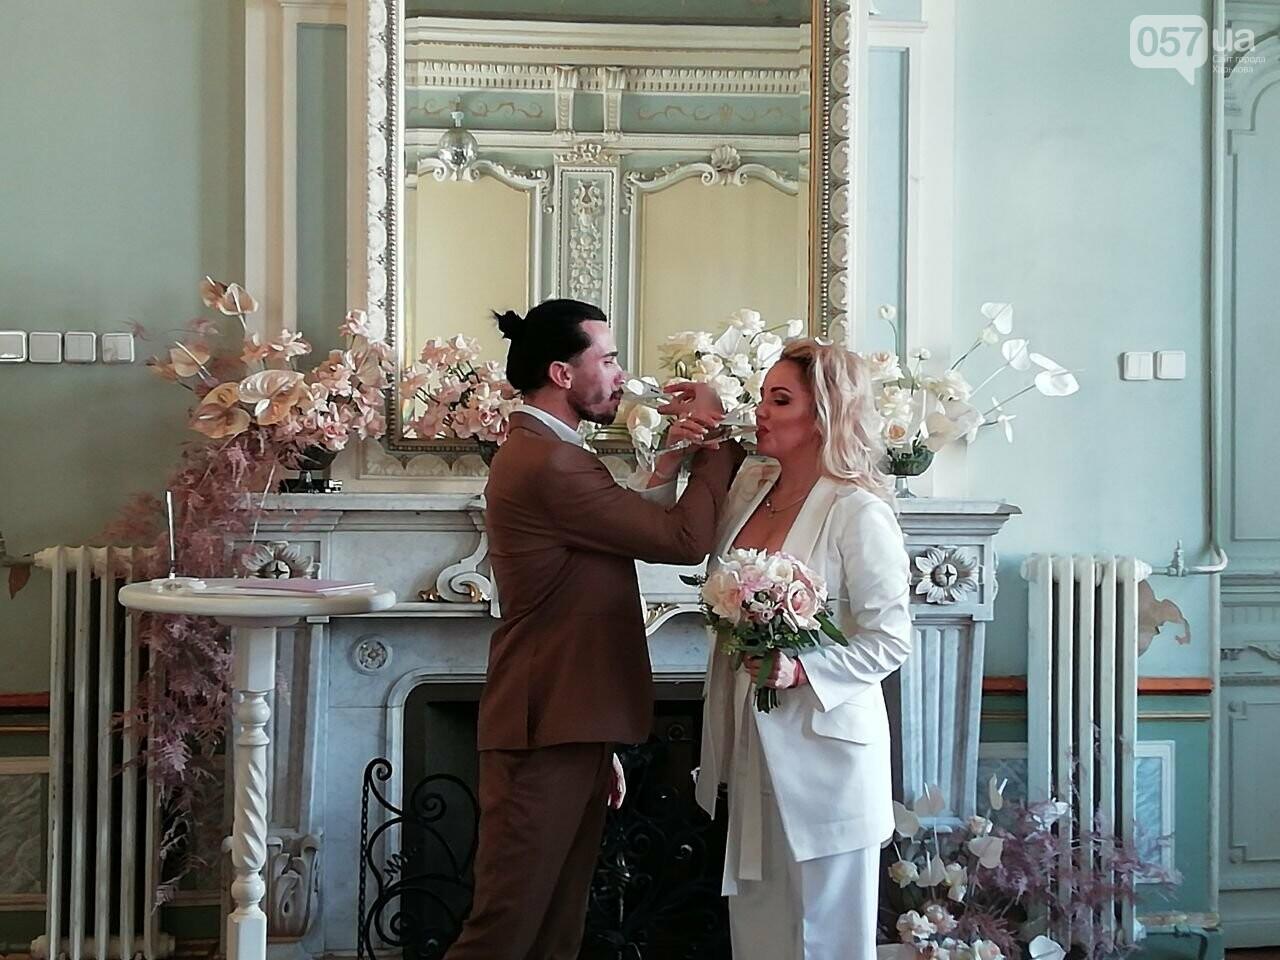 Экспресс-свадьба и звездная ведущая: в Харькове проходит Марафон влюбленных, - ФОТО, фото-8